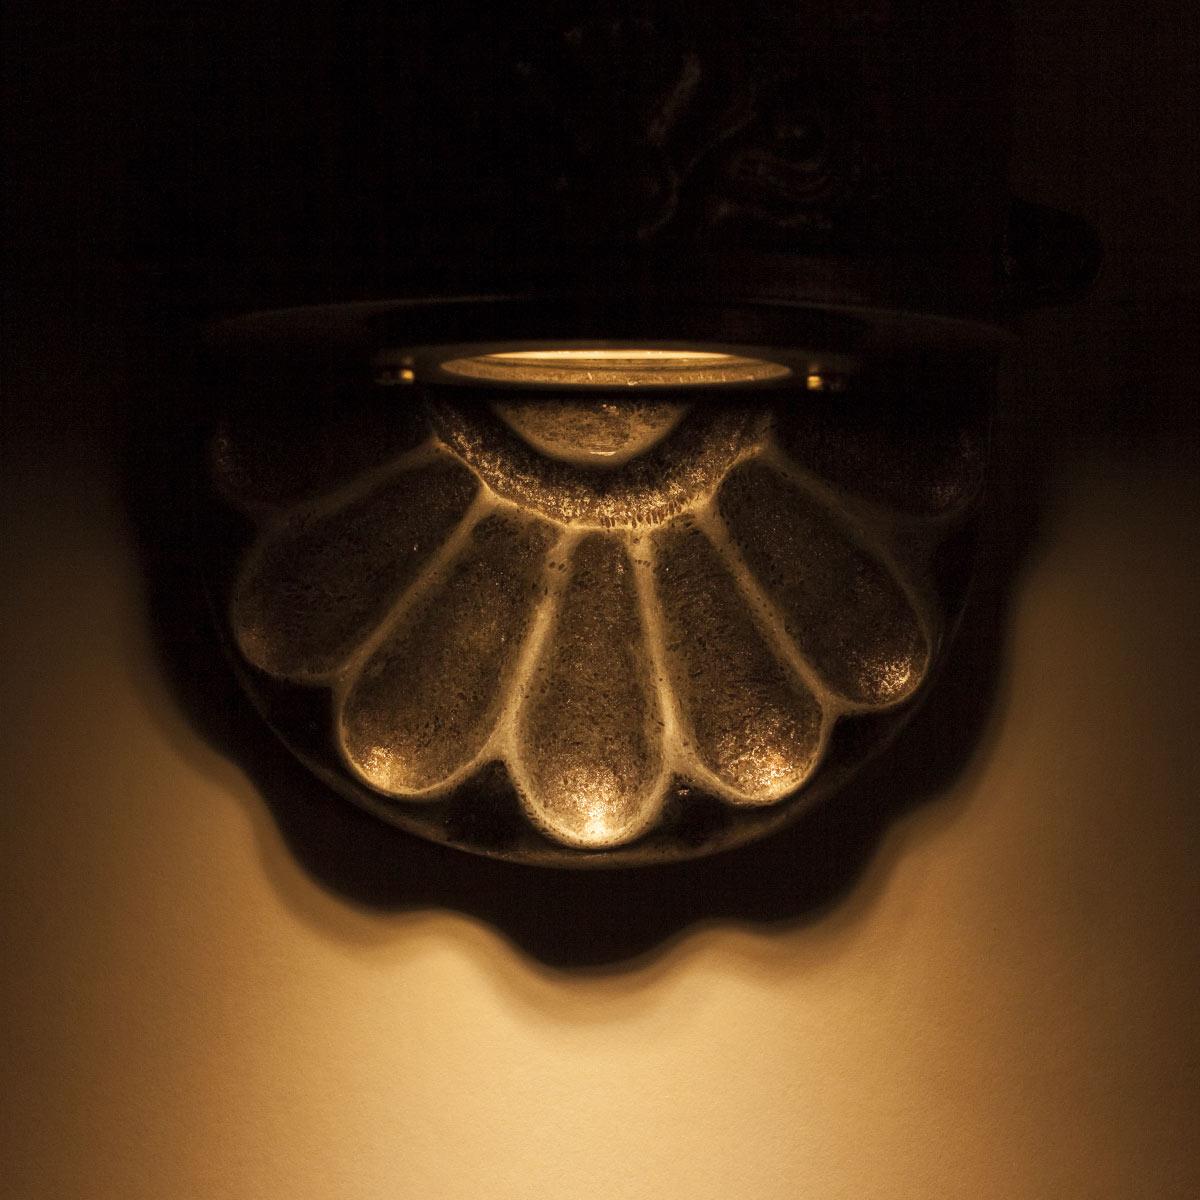 Nostalux buitenlamp - wandspot van Ruw Aluminium - Tramonto